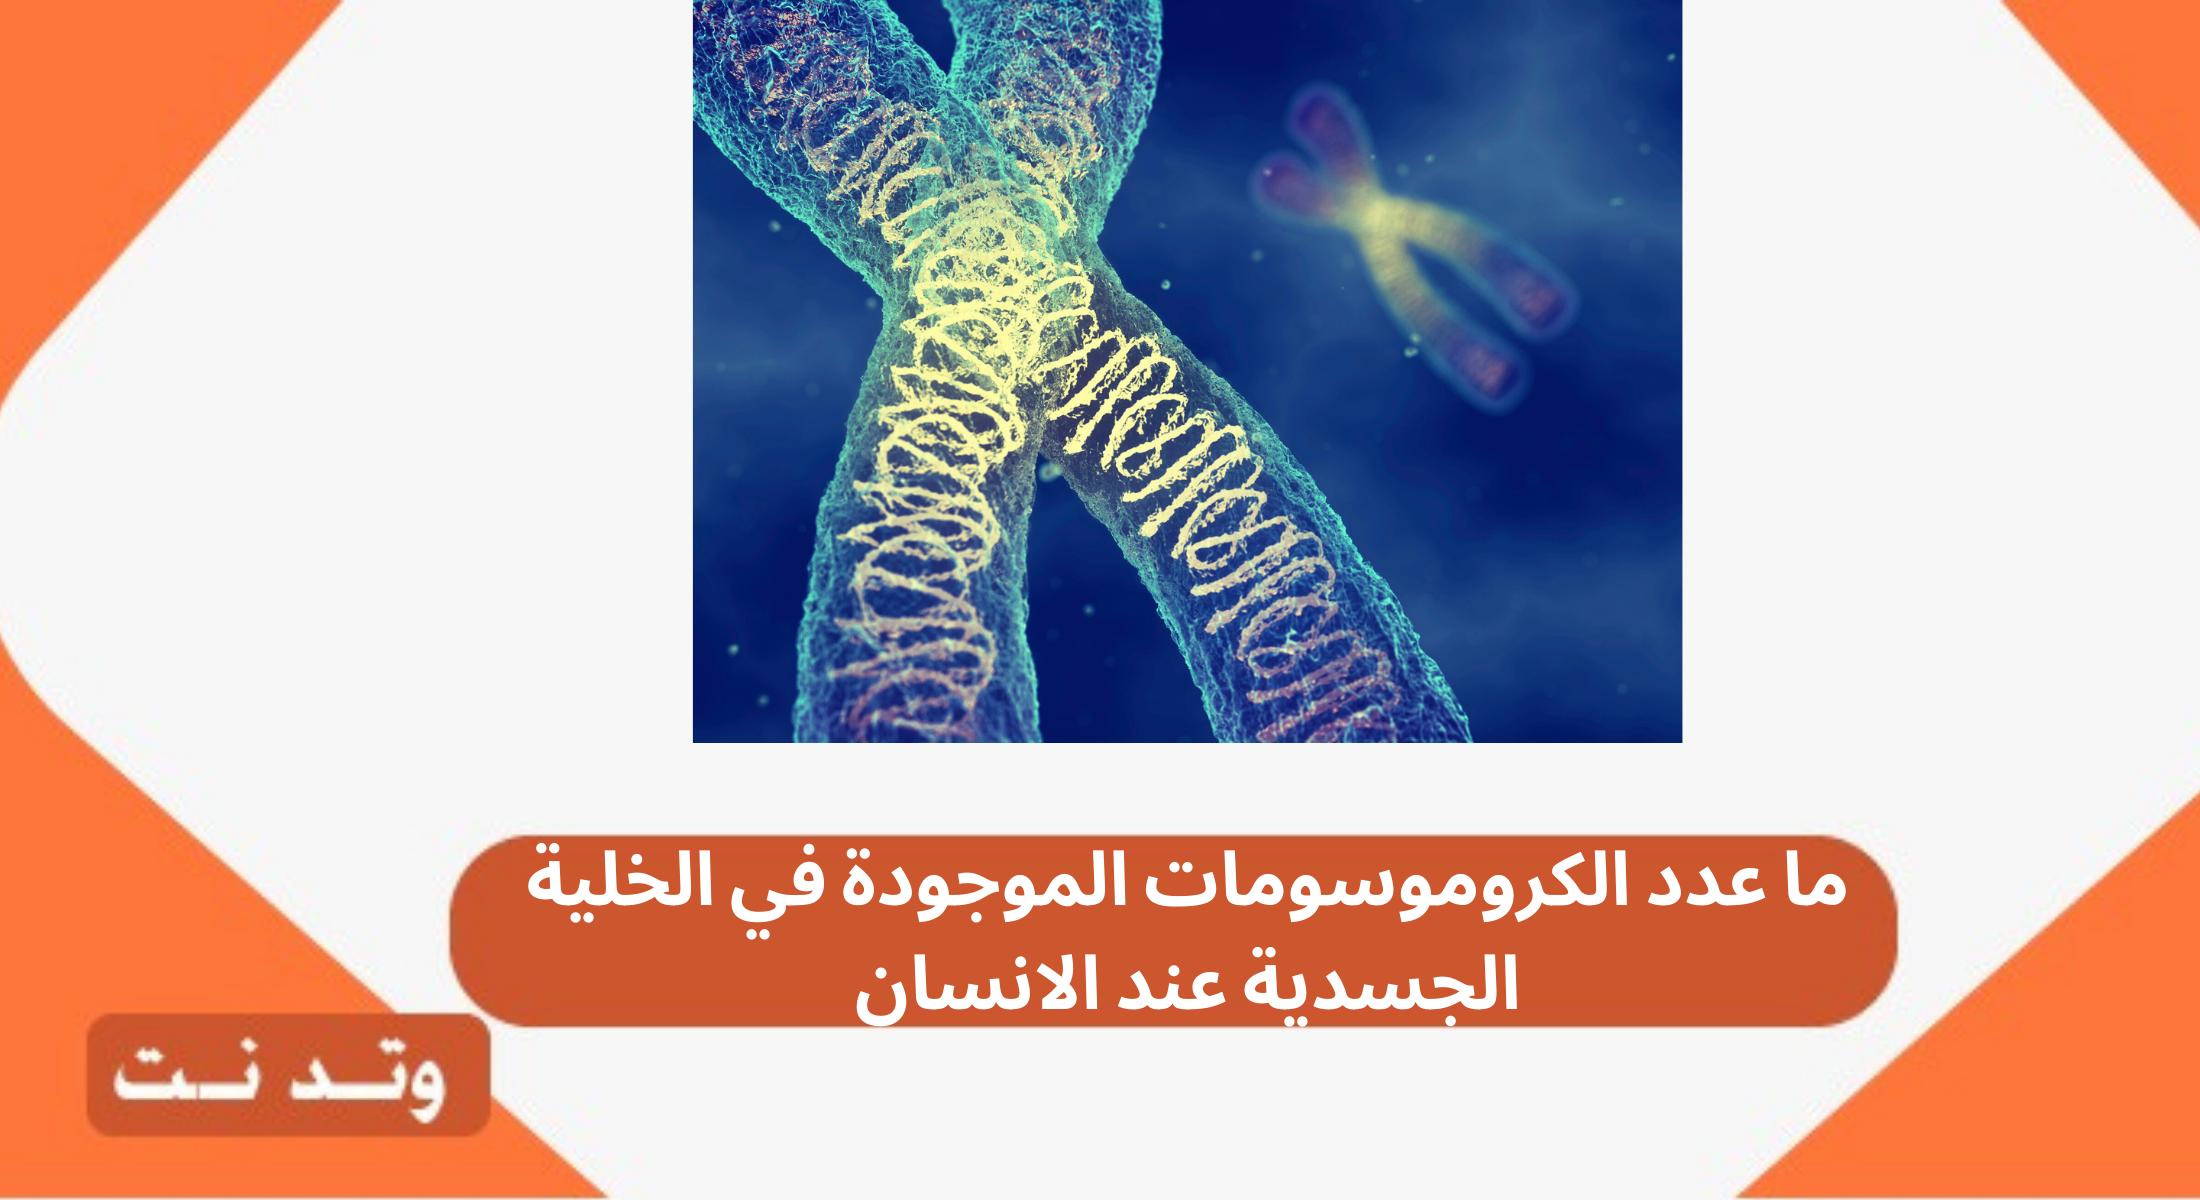 ما عدد الكروموسومات الموجودة في الخلية الجسدية عند الانسان Pandora Screenshot Screenshots